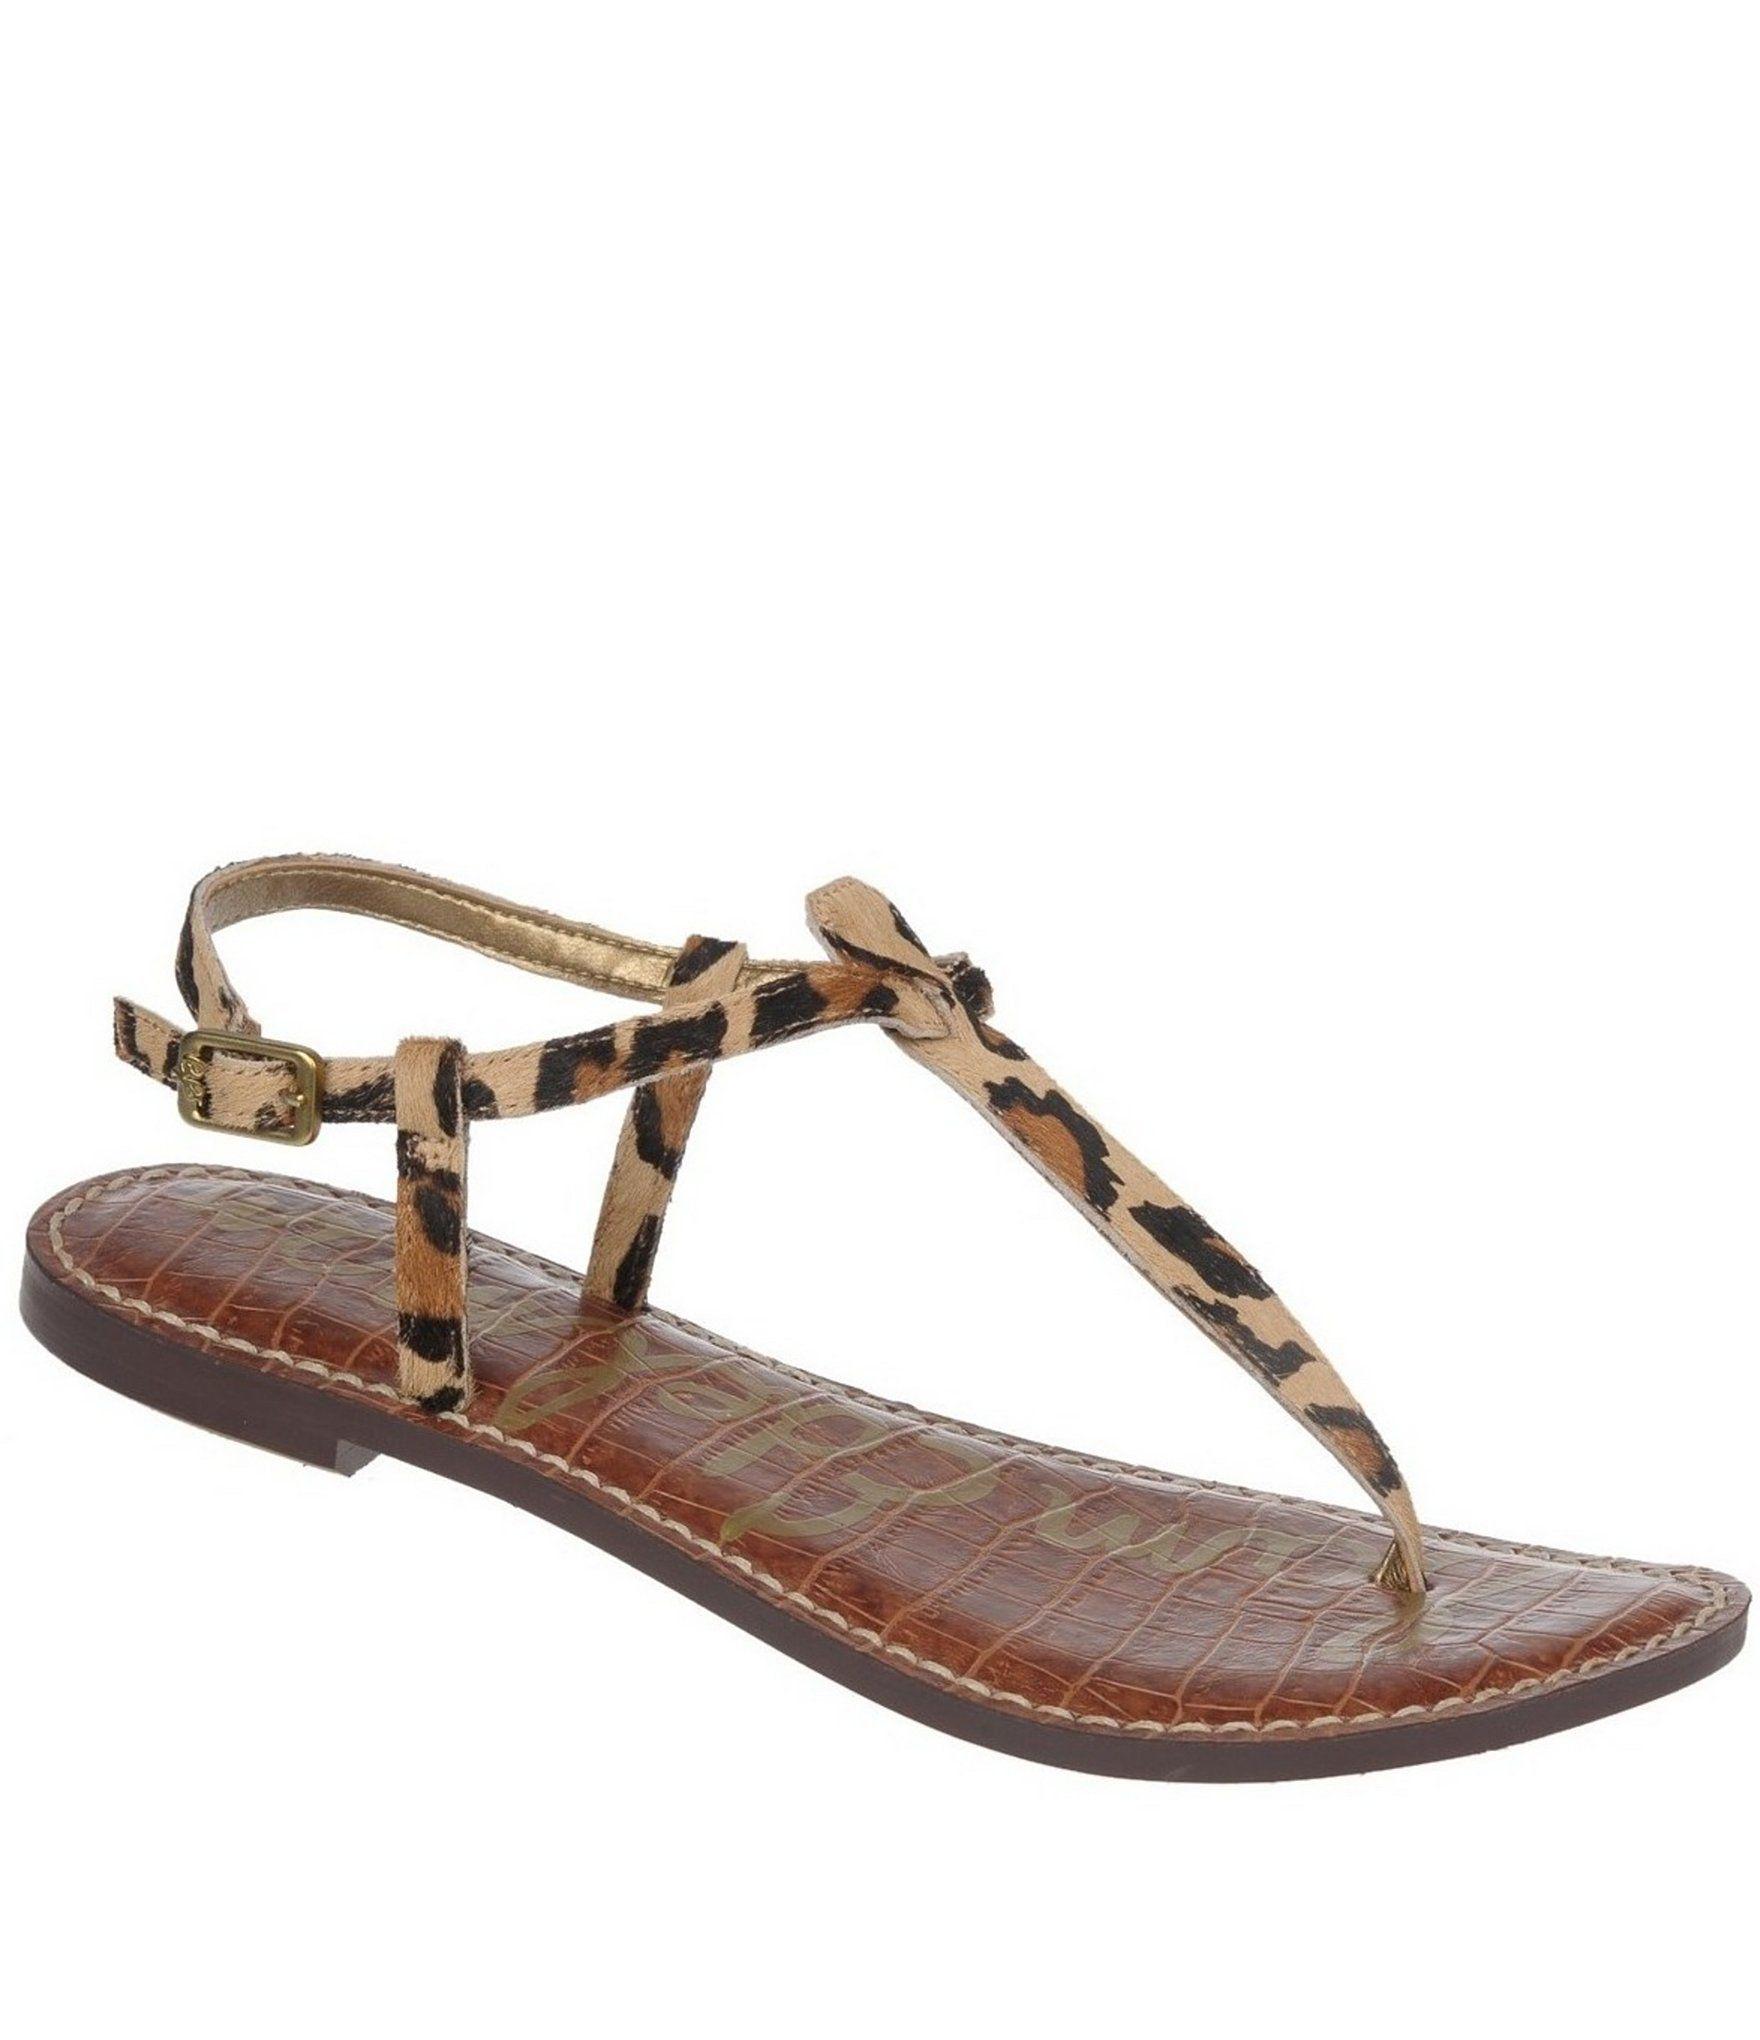 76a7ec48e522 Shop for Sam Edelman Gigi Leopard-Print Calf Hair T-Strap Sandals at  Dillards